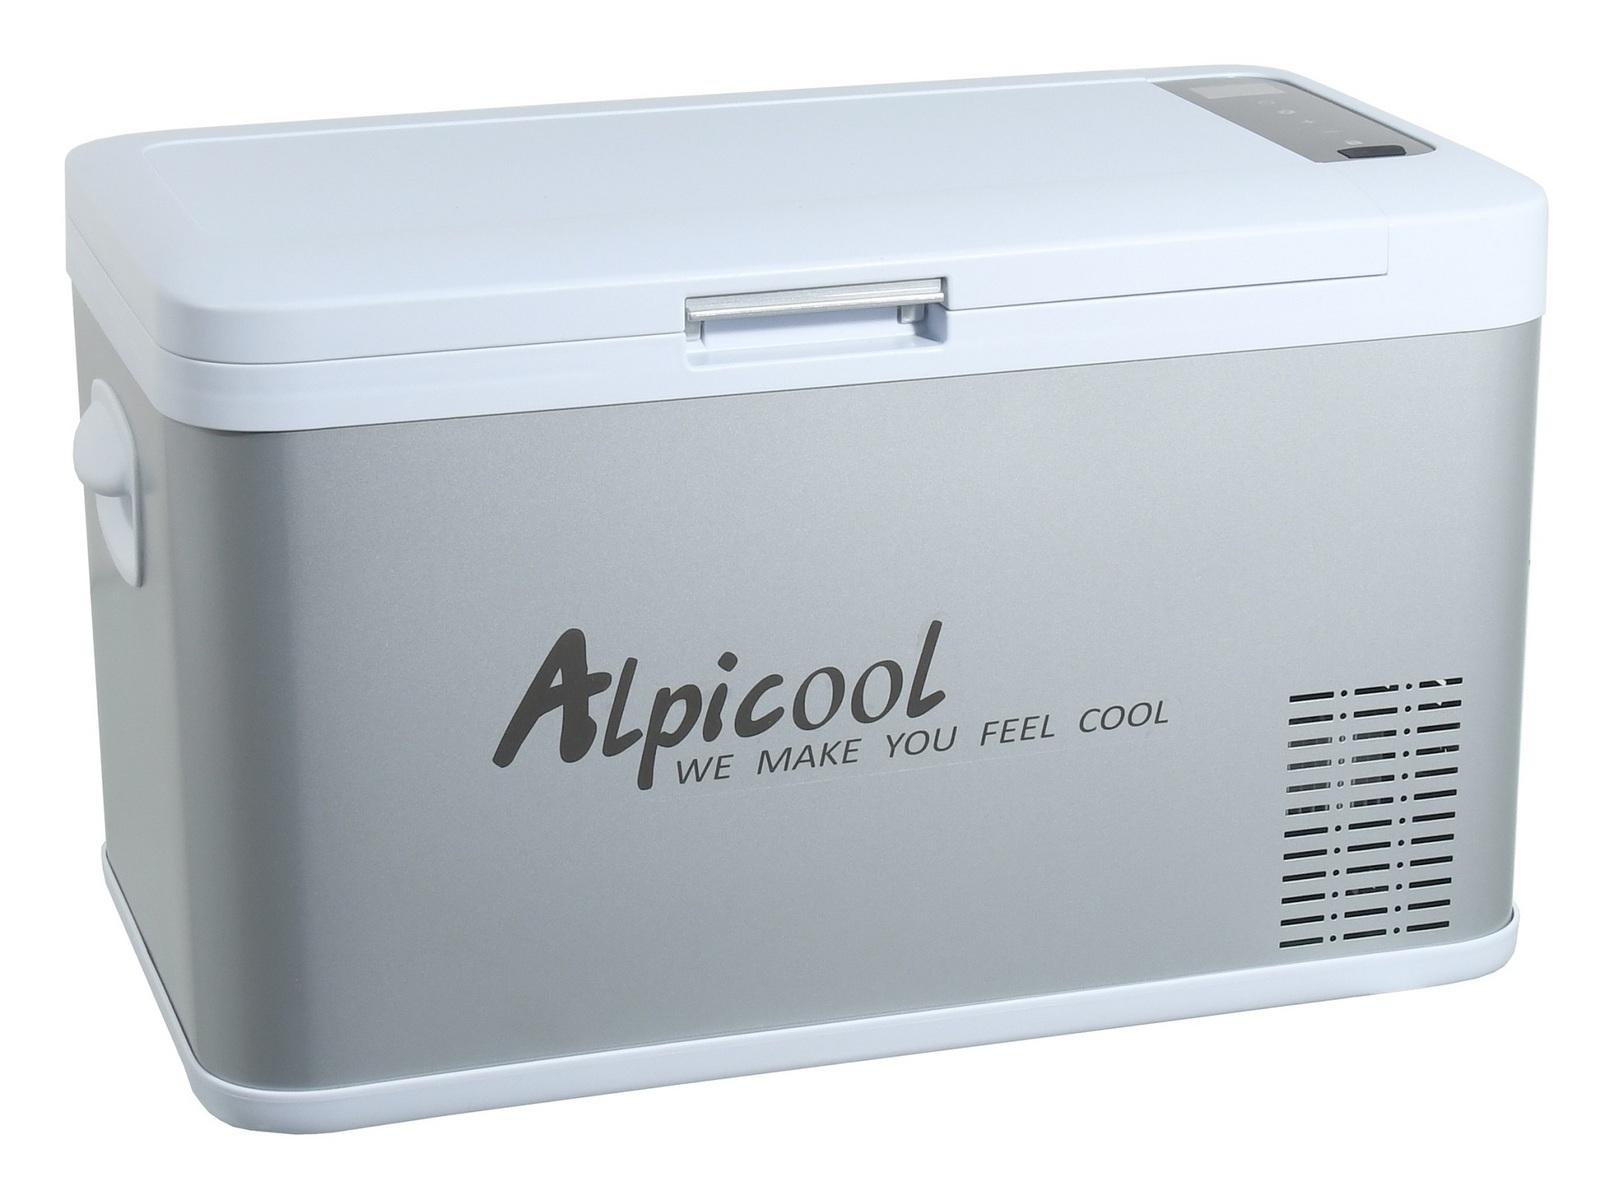 Chladící box do auta 230/24/12V SILVER FROST, 25 litrů, -20 °C - COMPASS